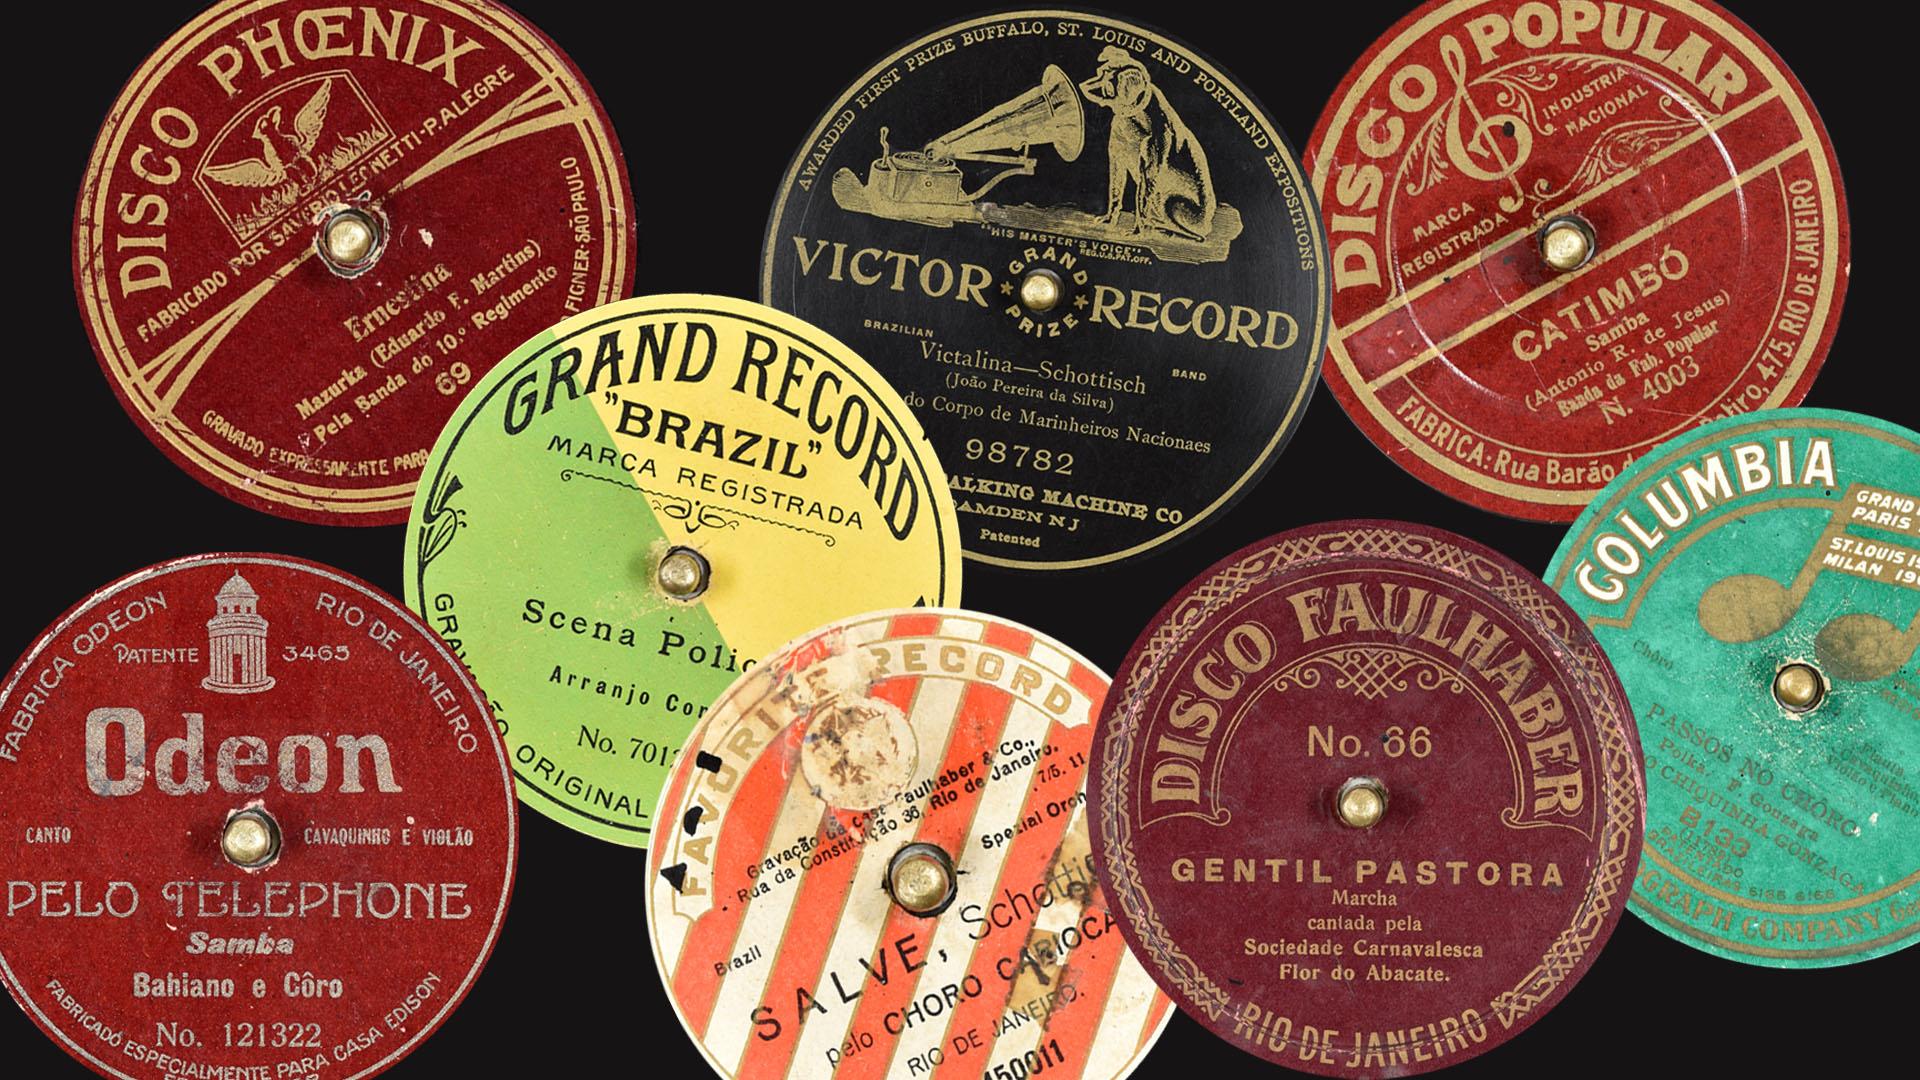 Etiquetas redondas com informações sobre os discos 78 rpm